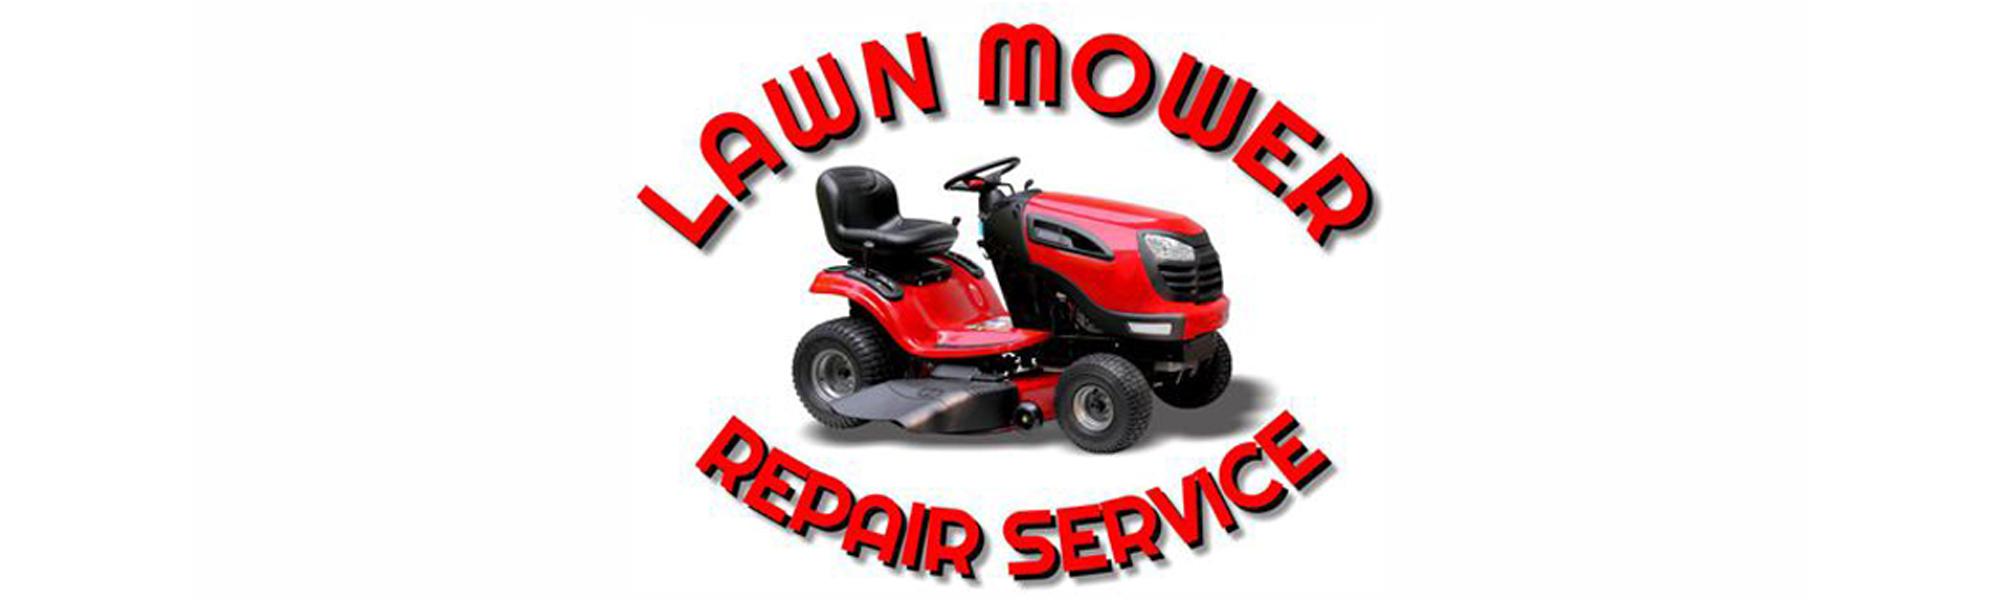 Lawn Mower Repair And Service El Dorado Ar Mtd Drive Belt Diagram Car Tuning